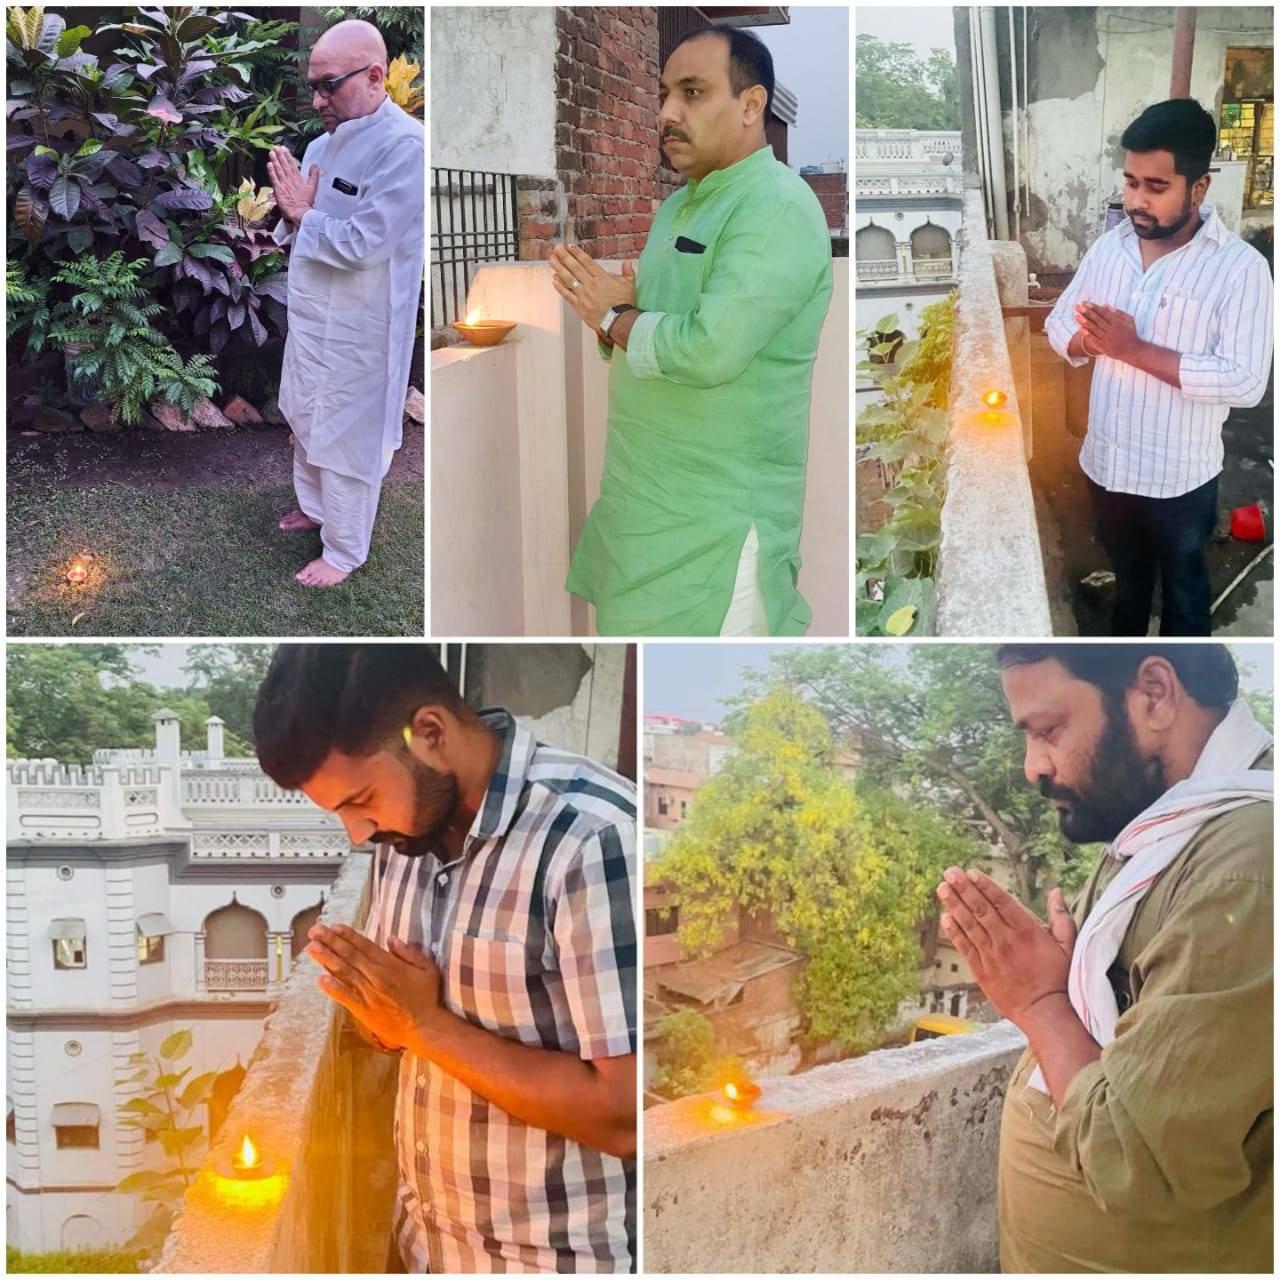 कोरोना से मृत लोगों की आत्मा की शांति के लिए वाराणसी में कांग्रेसजनों ने दीप जलाकर की प्रार्थना